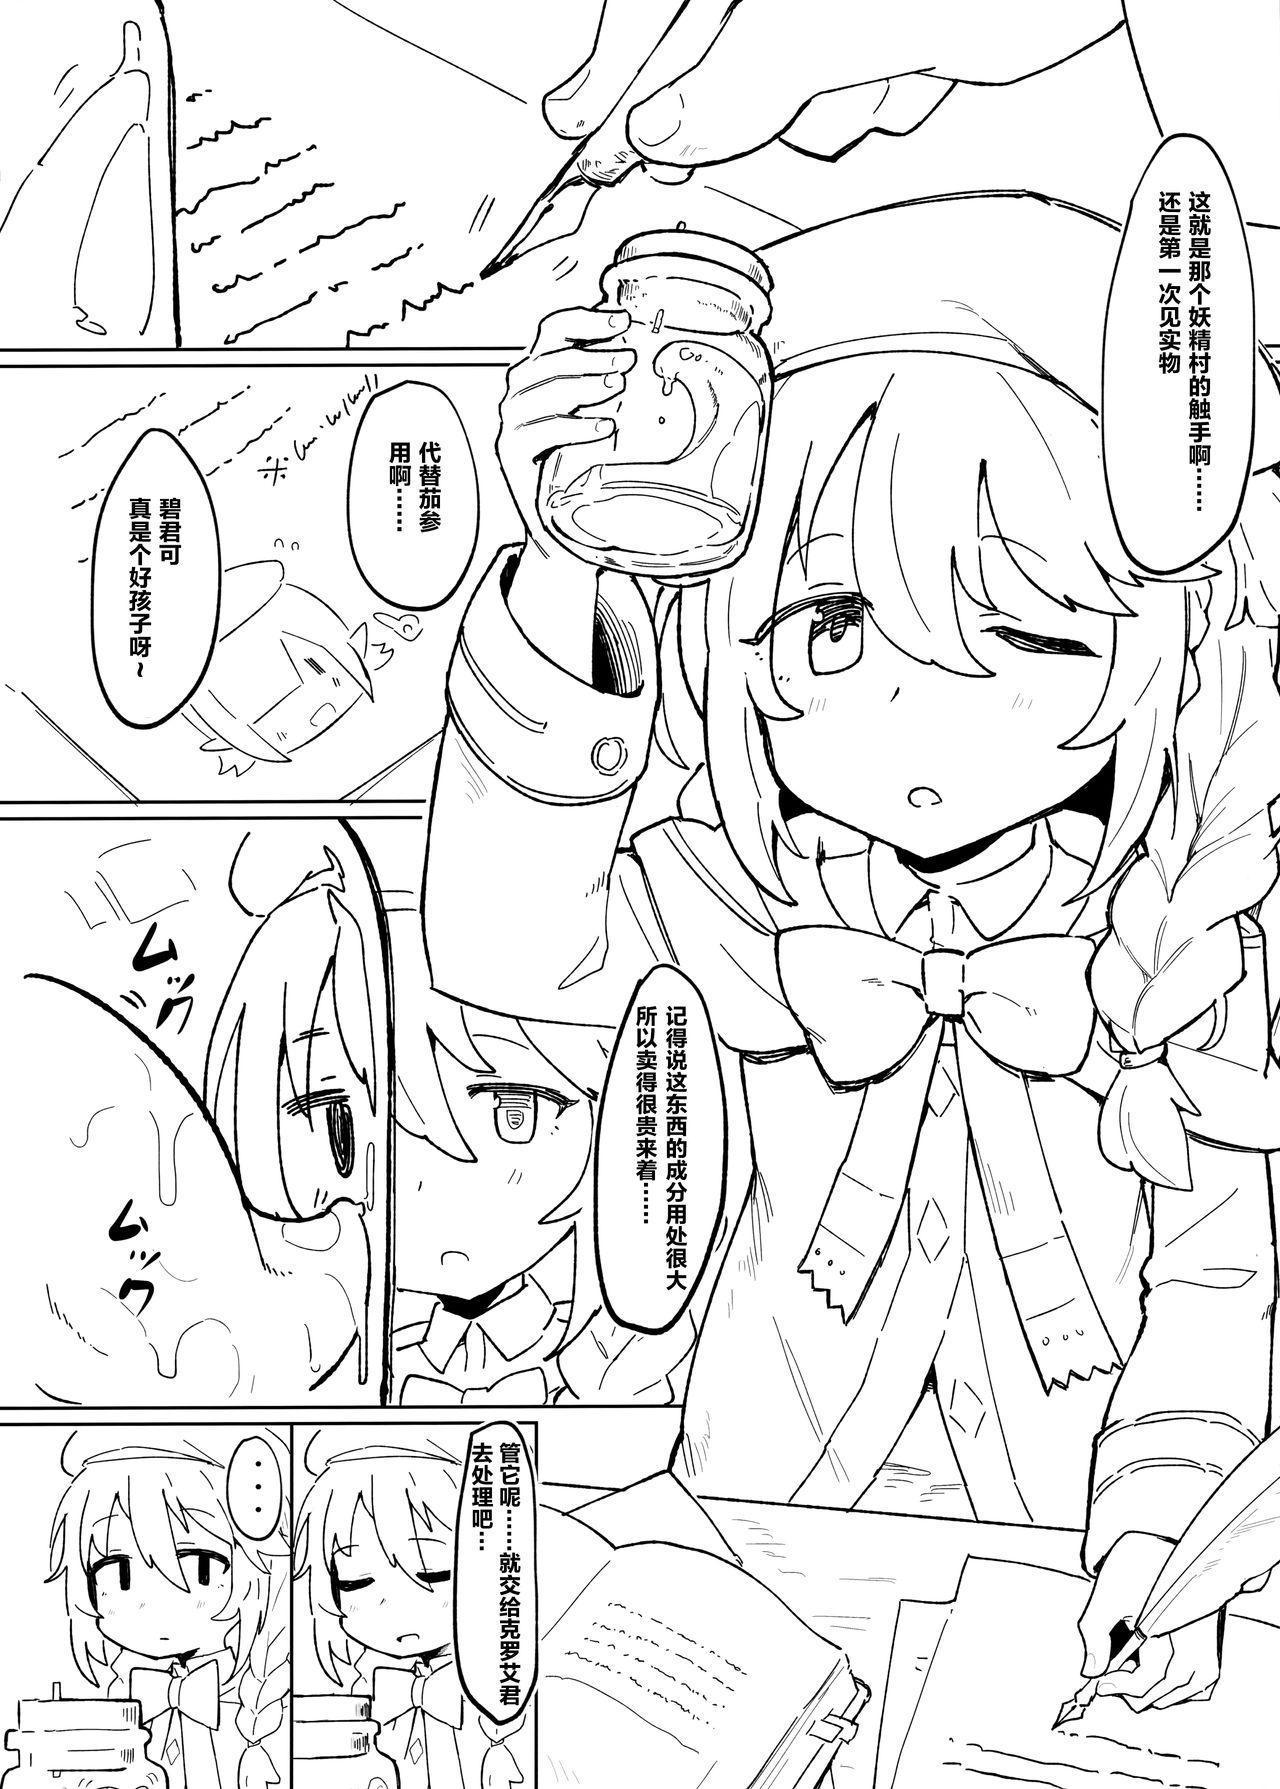 Shokushu to Yuni Senpai | 触手与尤尼前辈 2